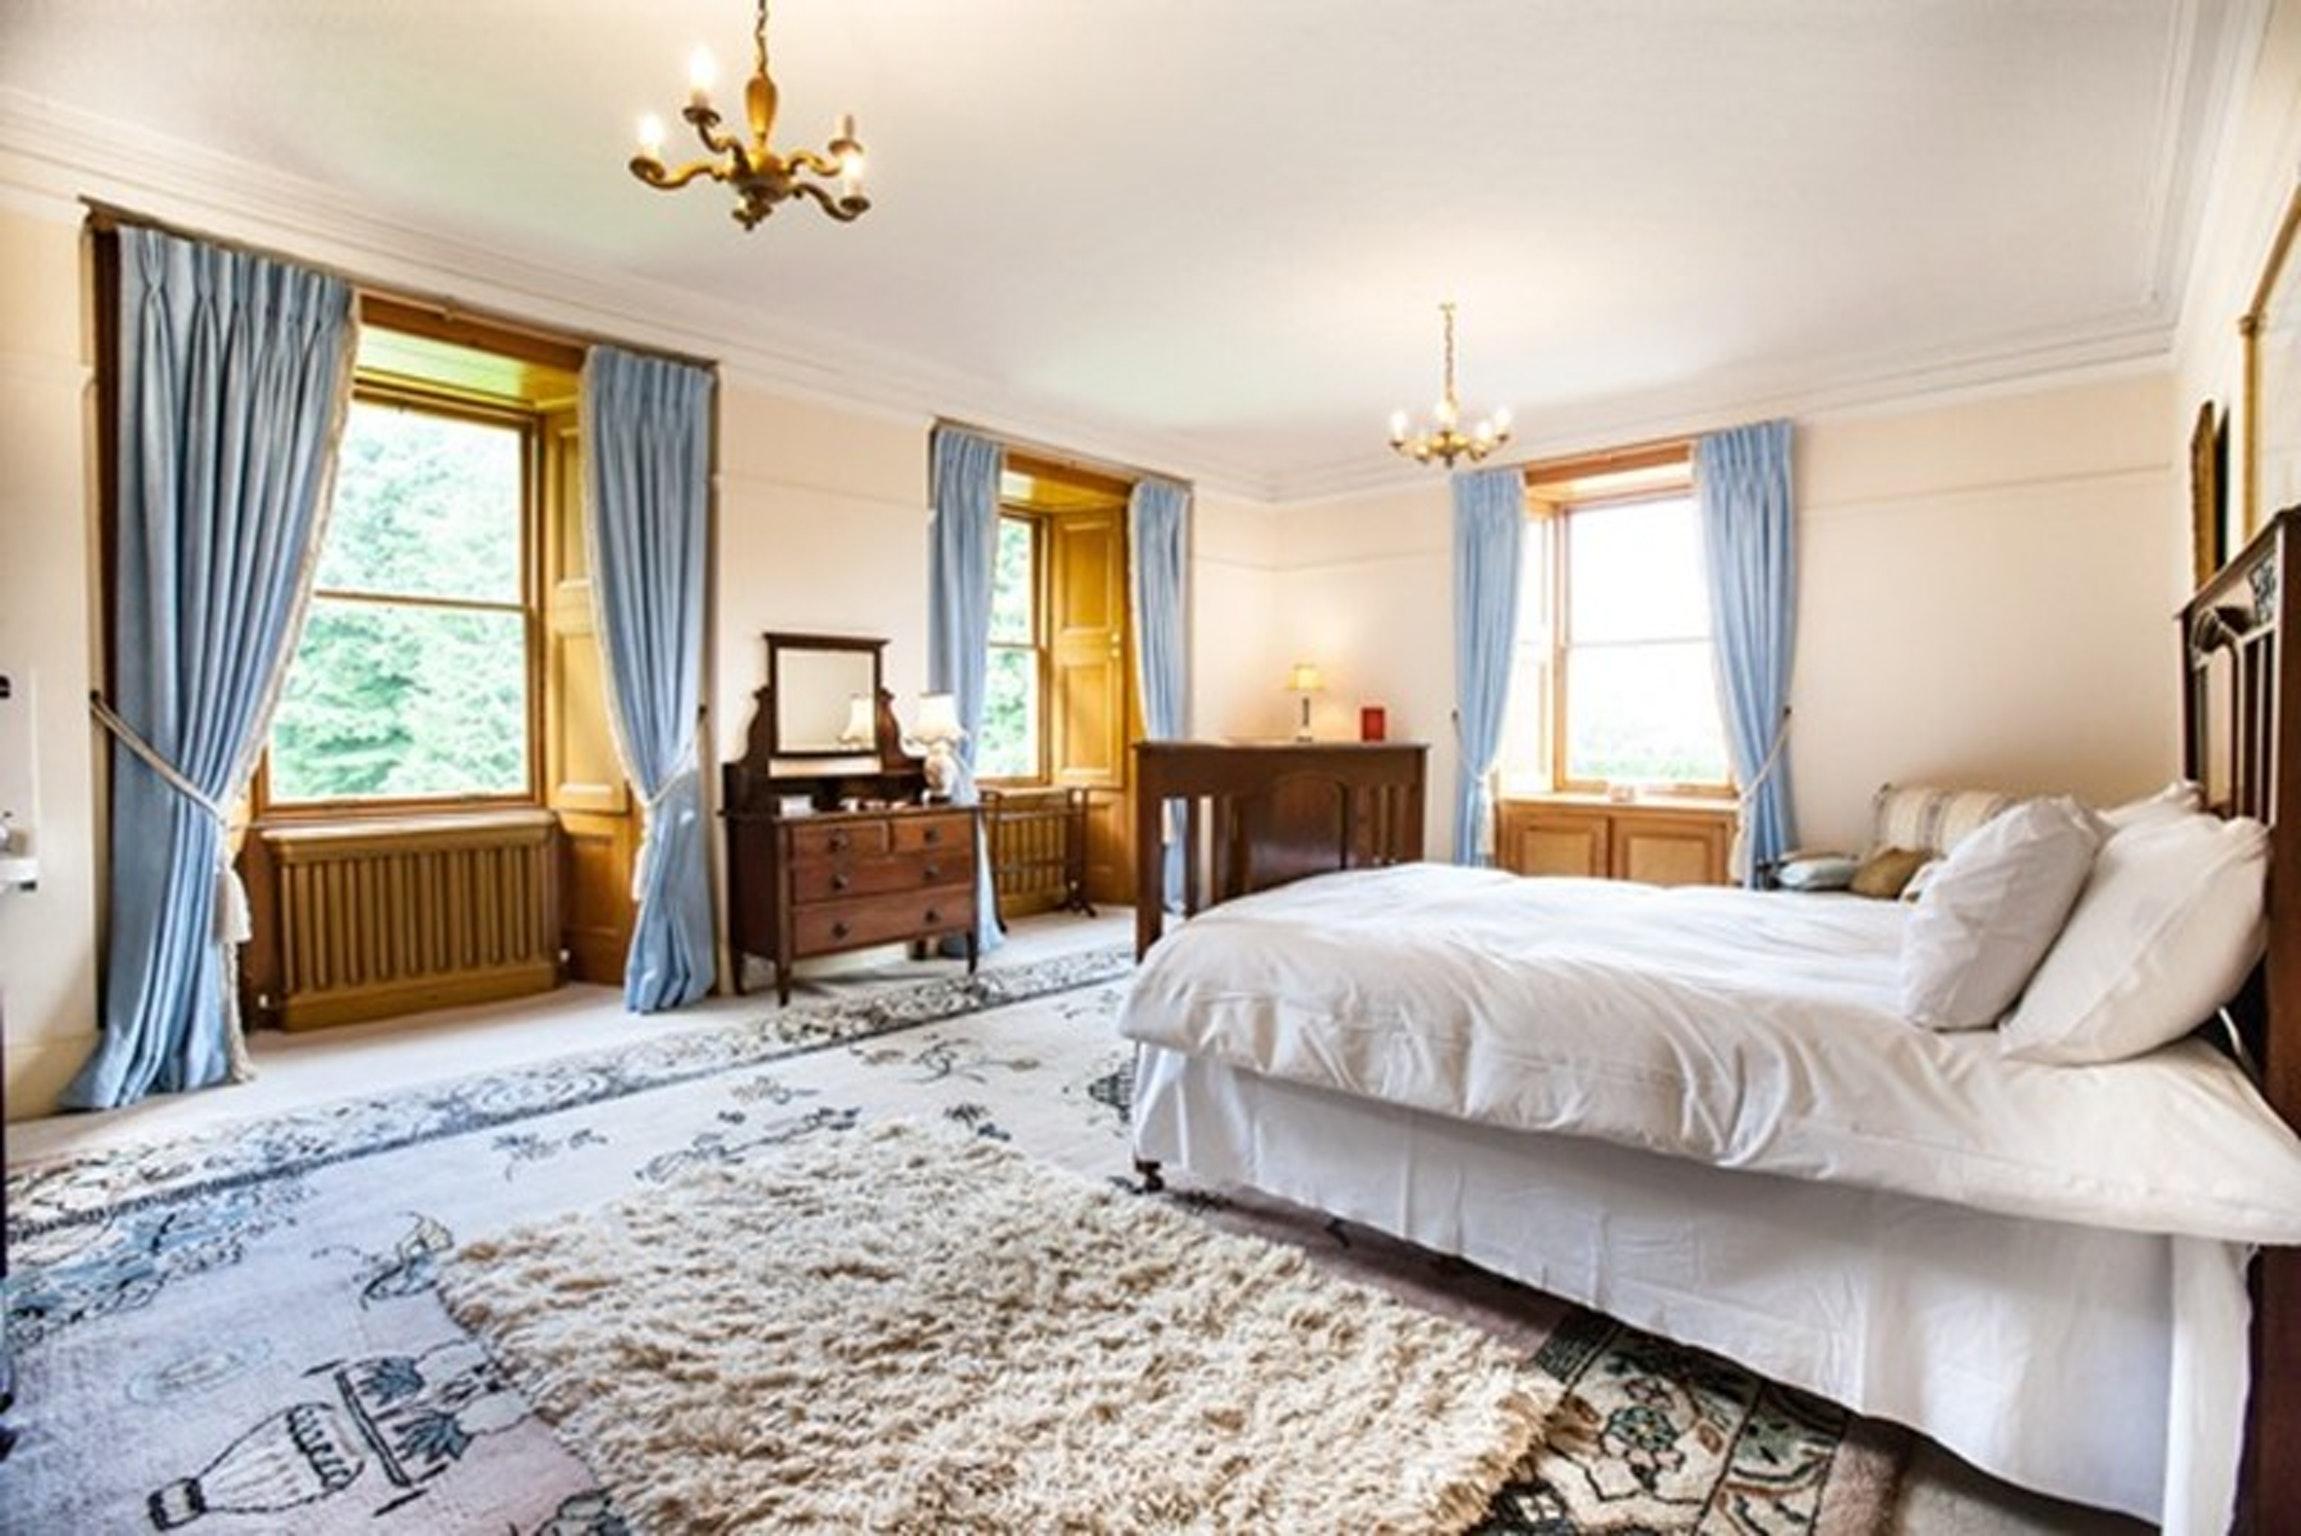 Holiday house Viktorianisches Herrenhaus in Schottland mit sieben Schlafzimmern, riesigem Garten und Par (2202064), Moffat, Southern Scotland, Scotland, United Kingdom, picture 23